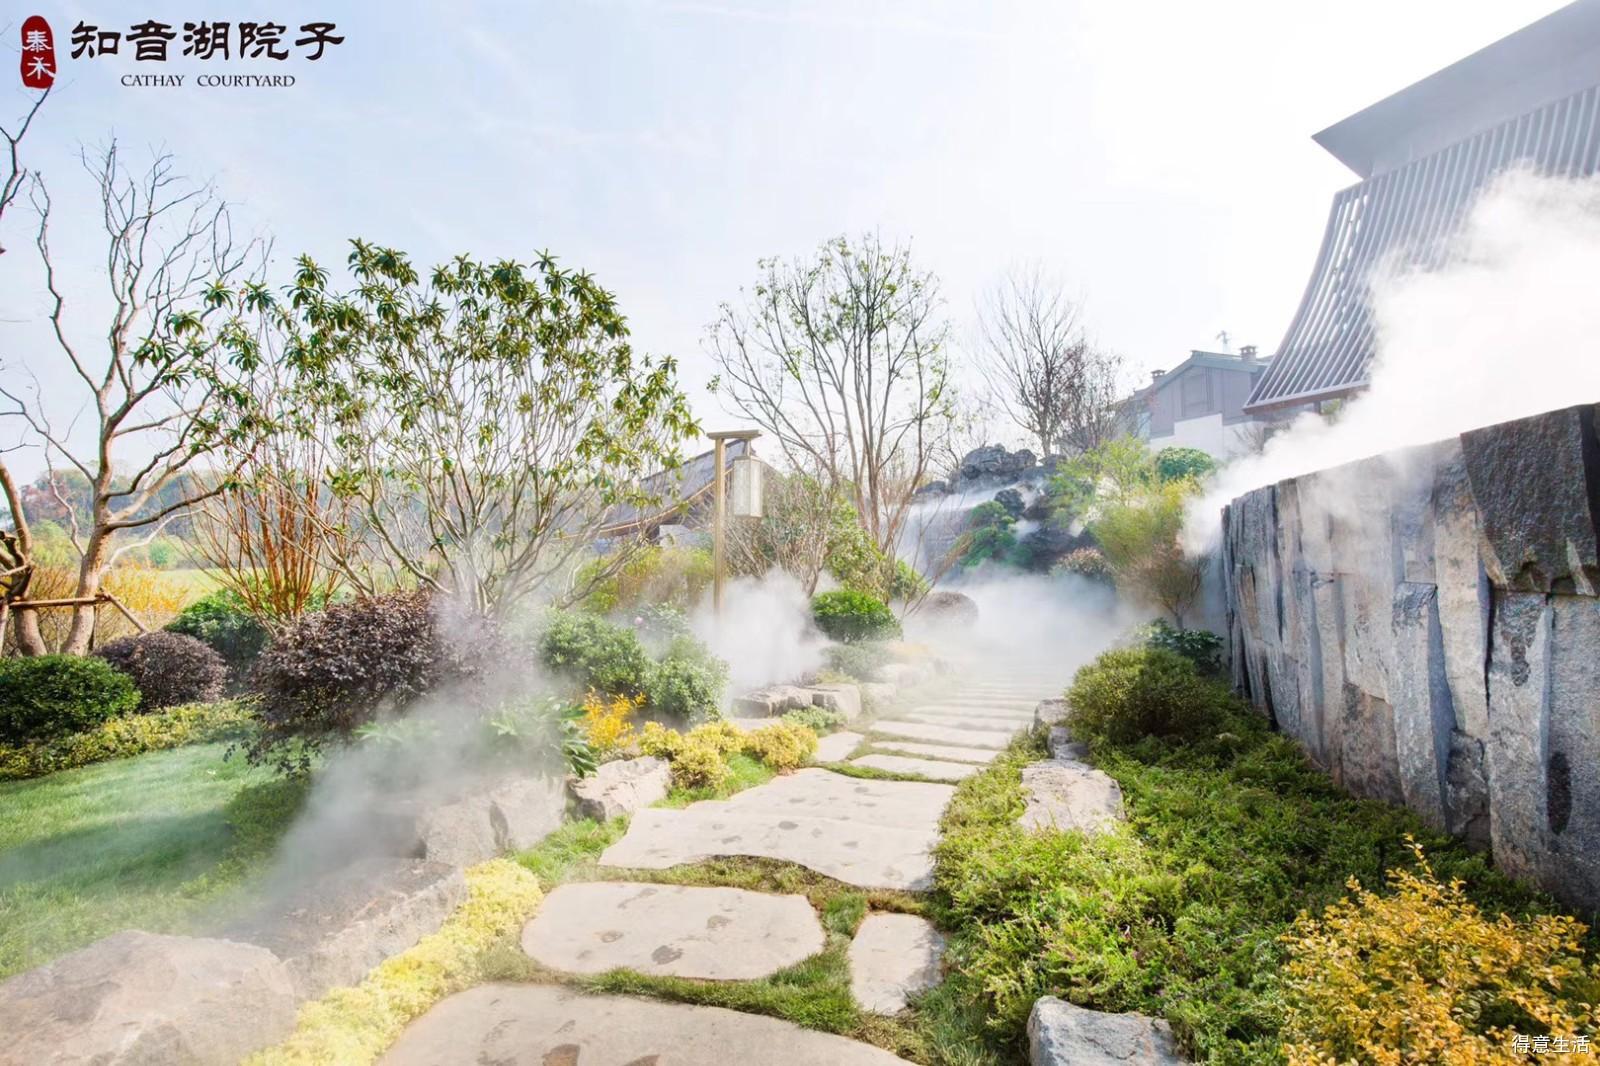 【得意新盘播报】中法生态城泰禾·知音湖院子,容积率仅0.91!